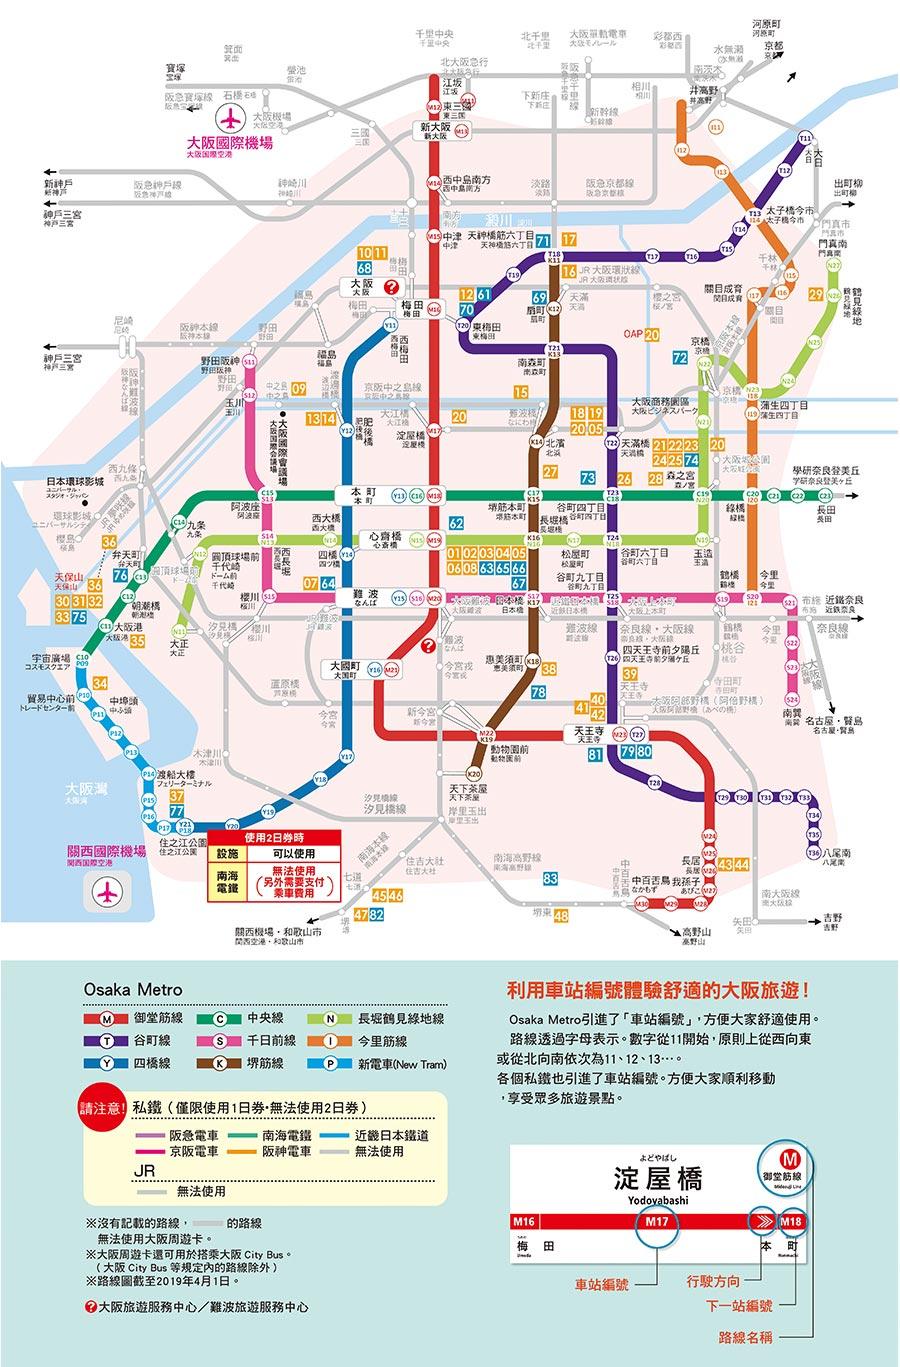 一個港爸的親子旅遊blog: 大阪周遊卡 VS 大阪海遊票